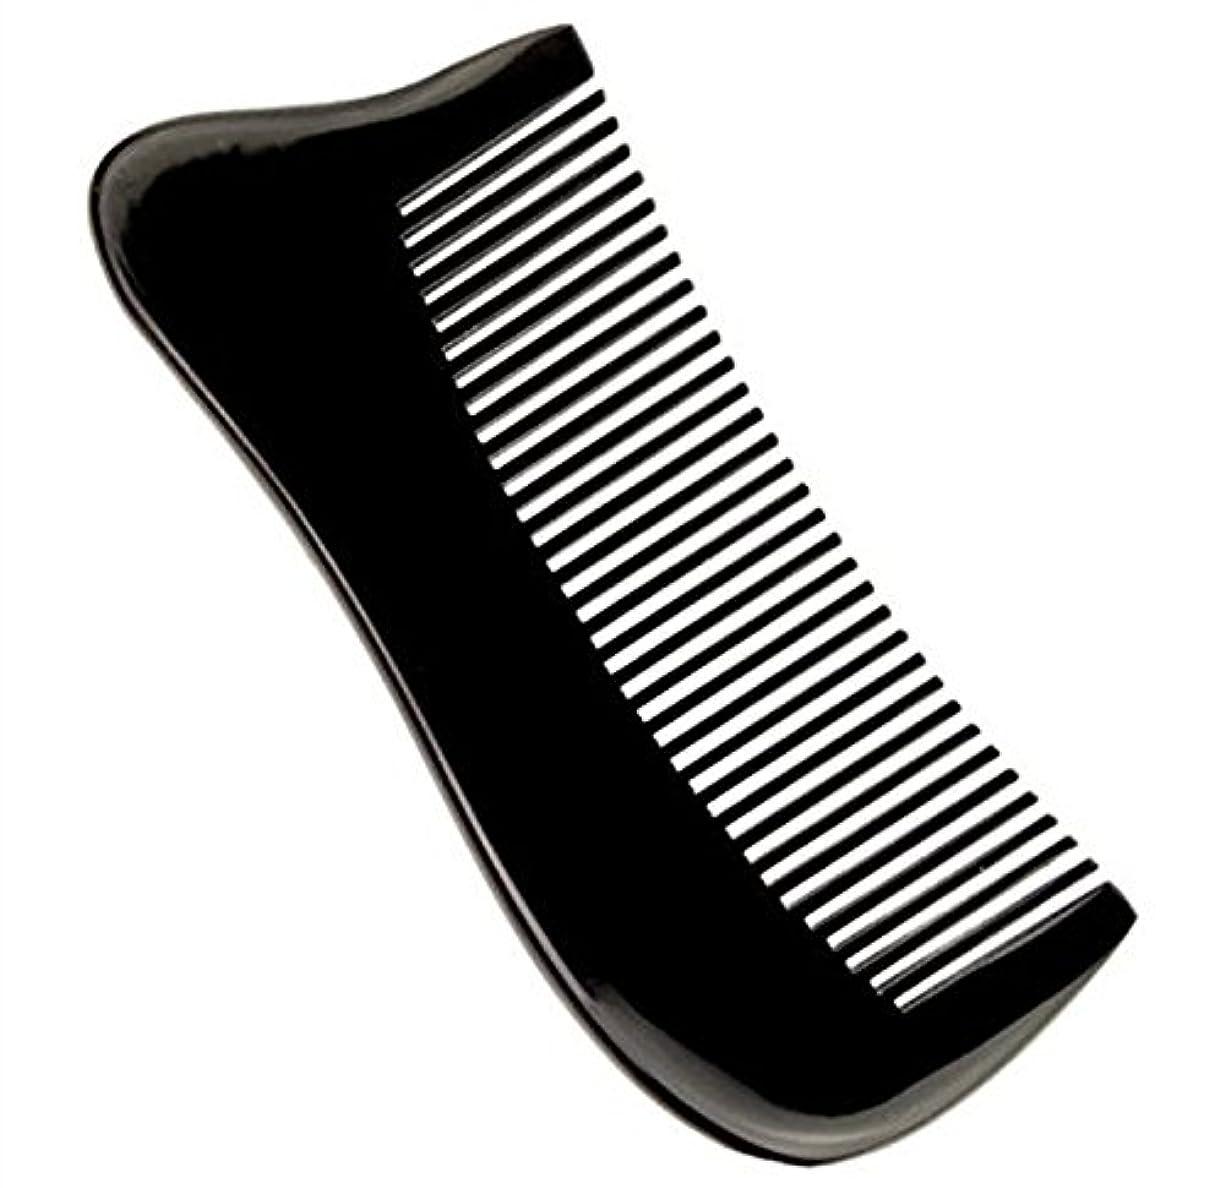 歩く匹敵します自然櫛型 プロも使う牛角かっさプレート マサージ用 血行改善 高級 天然 静電気防止 美髪 美顔 ボディ リンパマッサージ